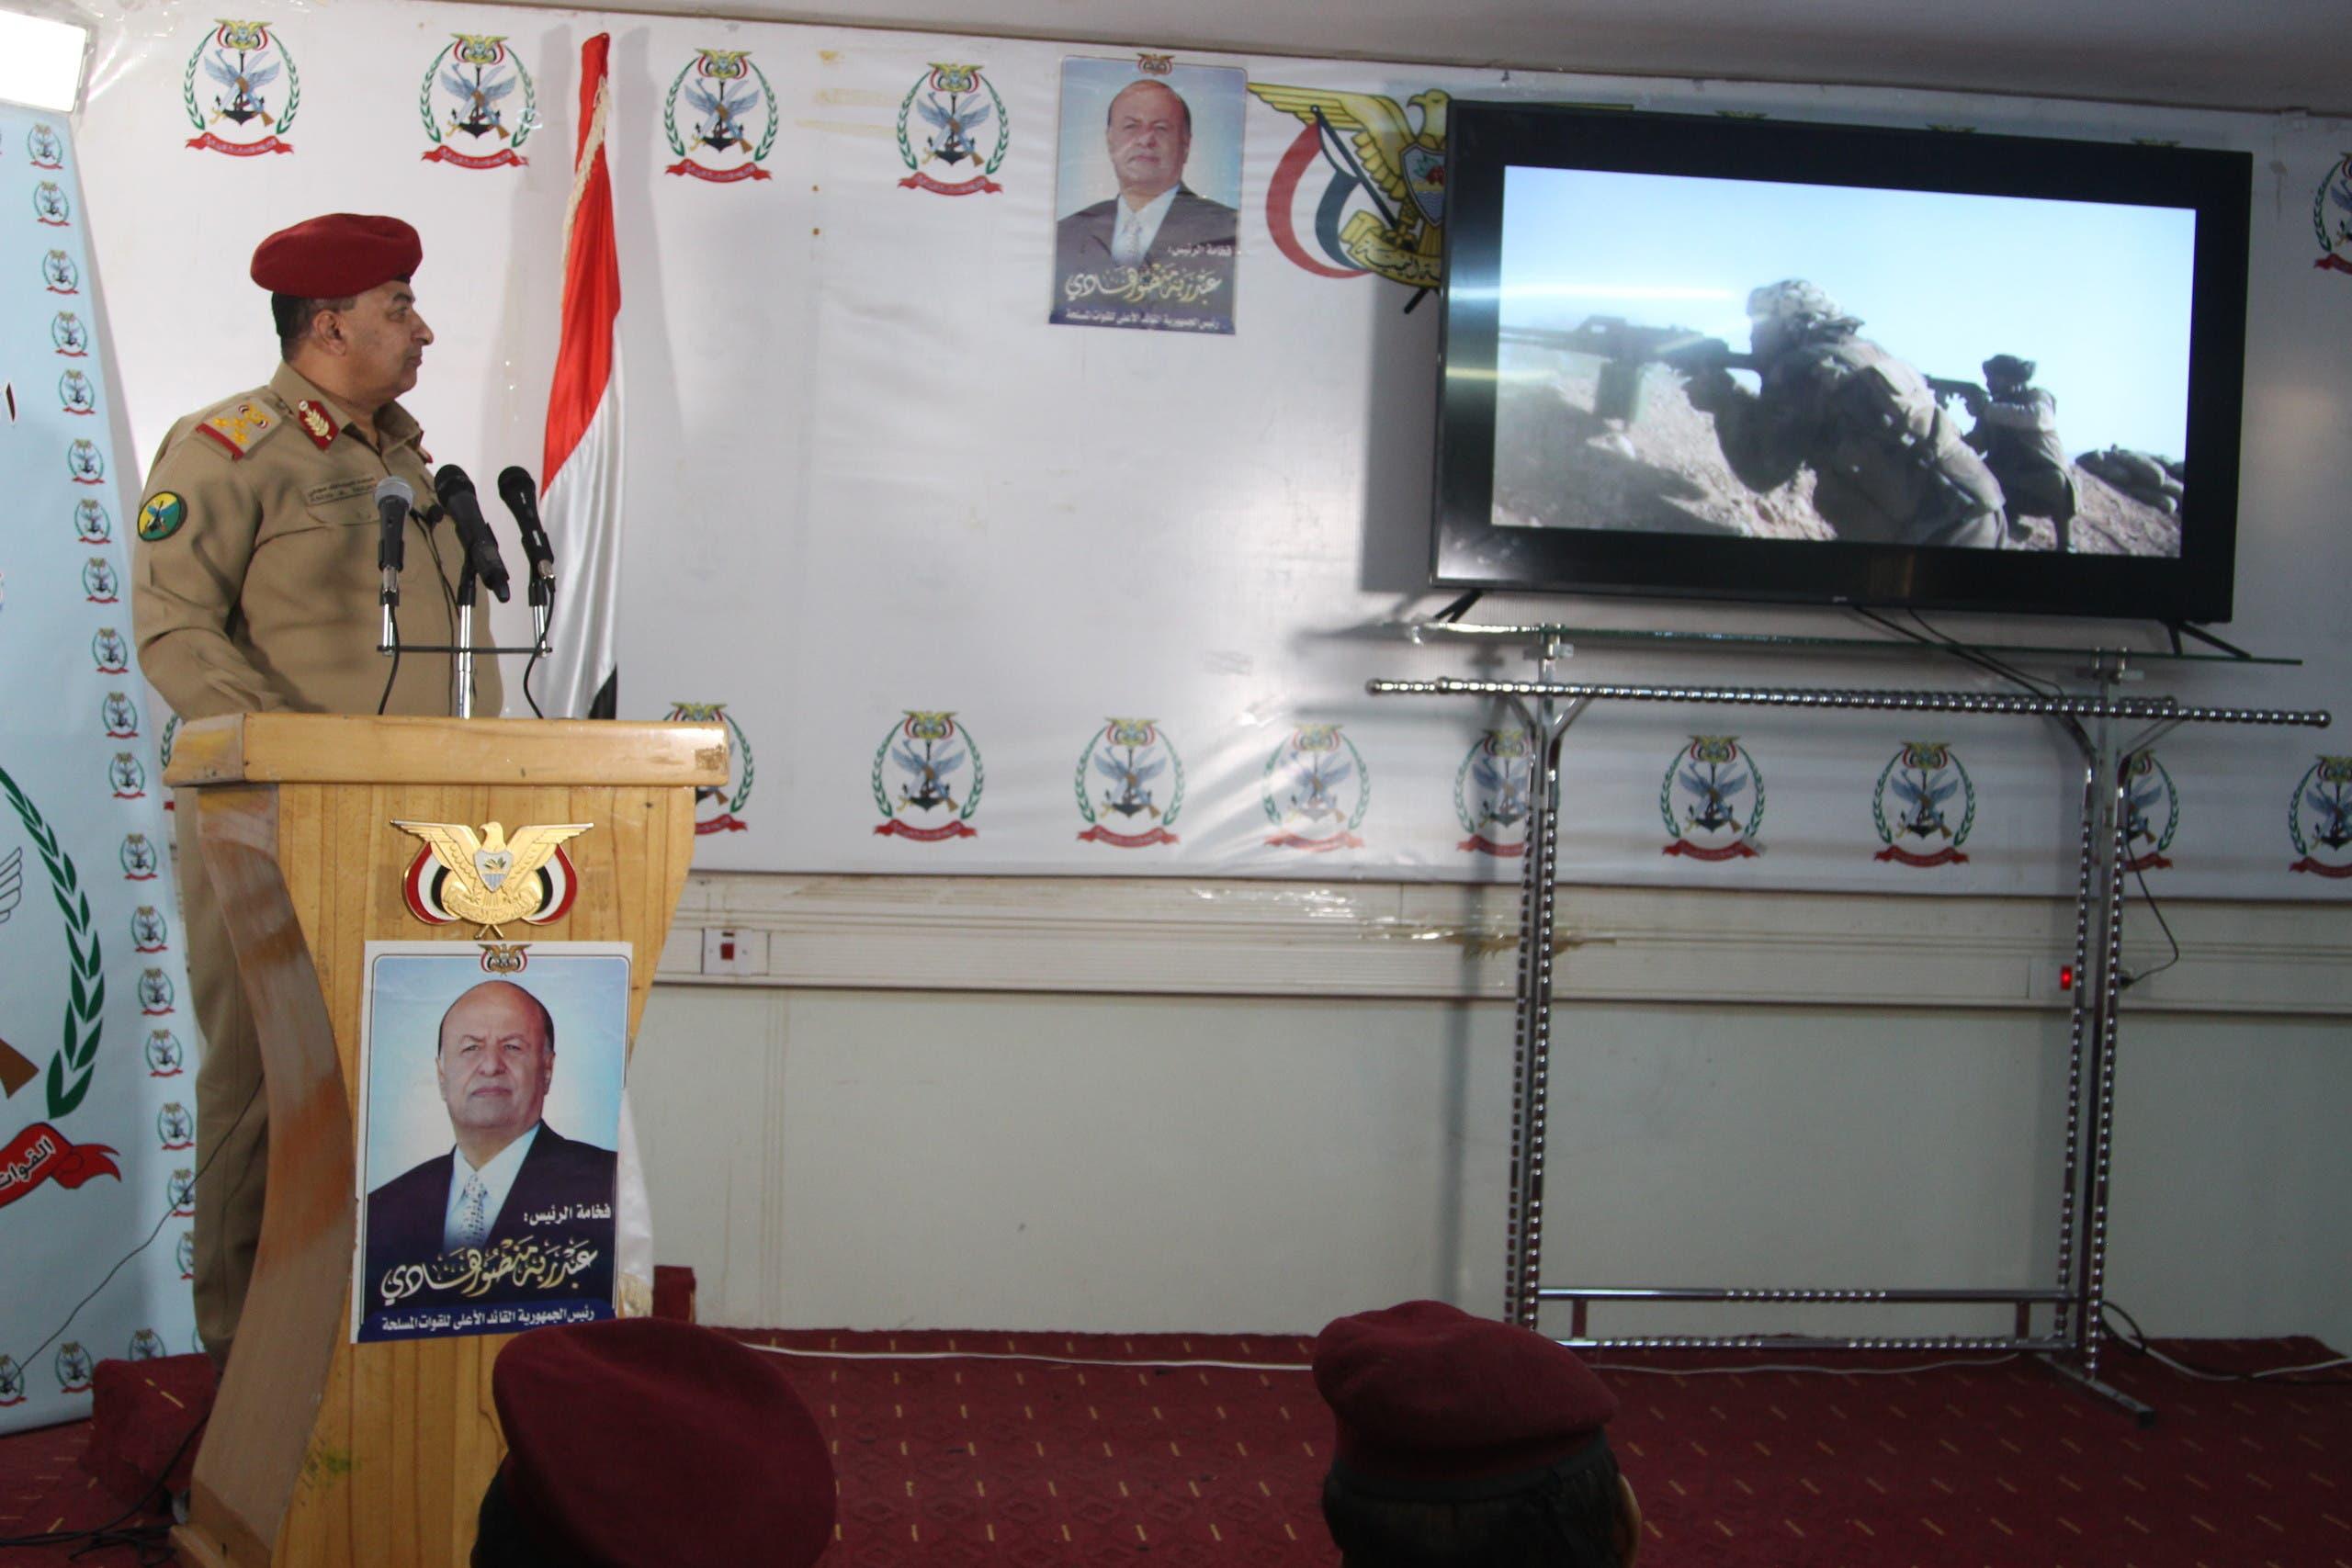 الناطق باسم الجيش اليمني عبده مجلي